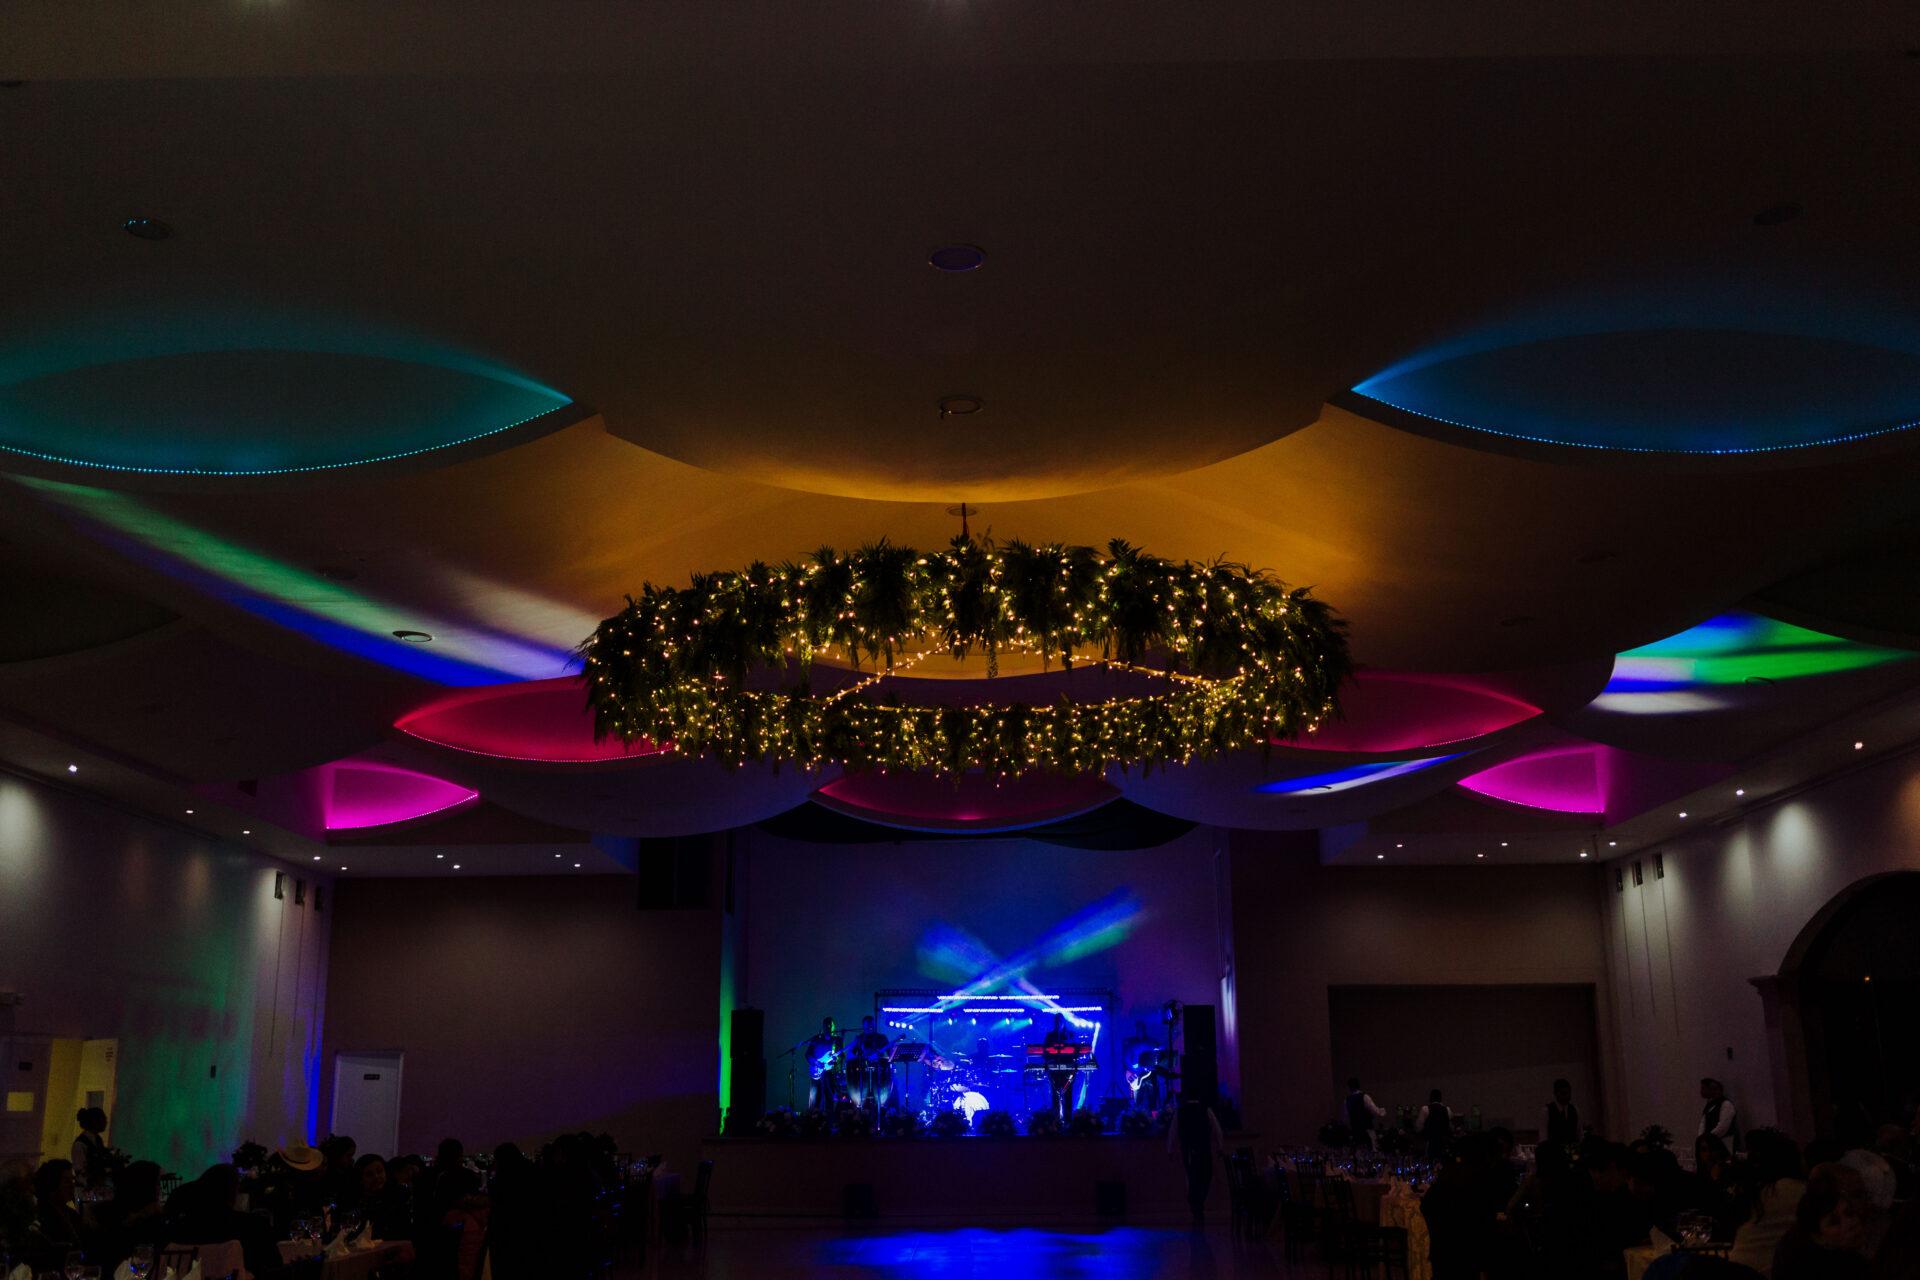 javier_noriega_fotografo_Boda_san_ramon_zacatecas_wedding_photographer22